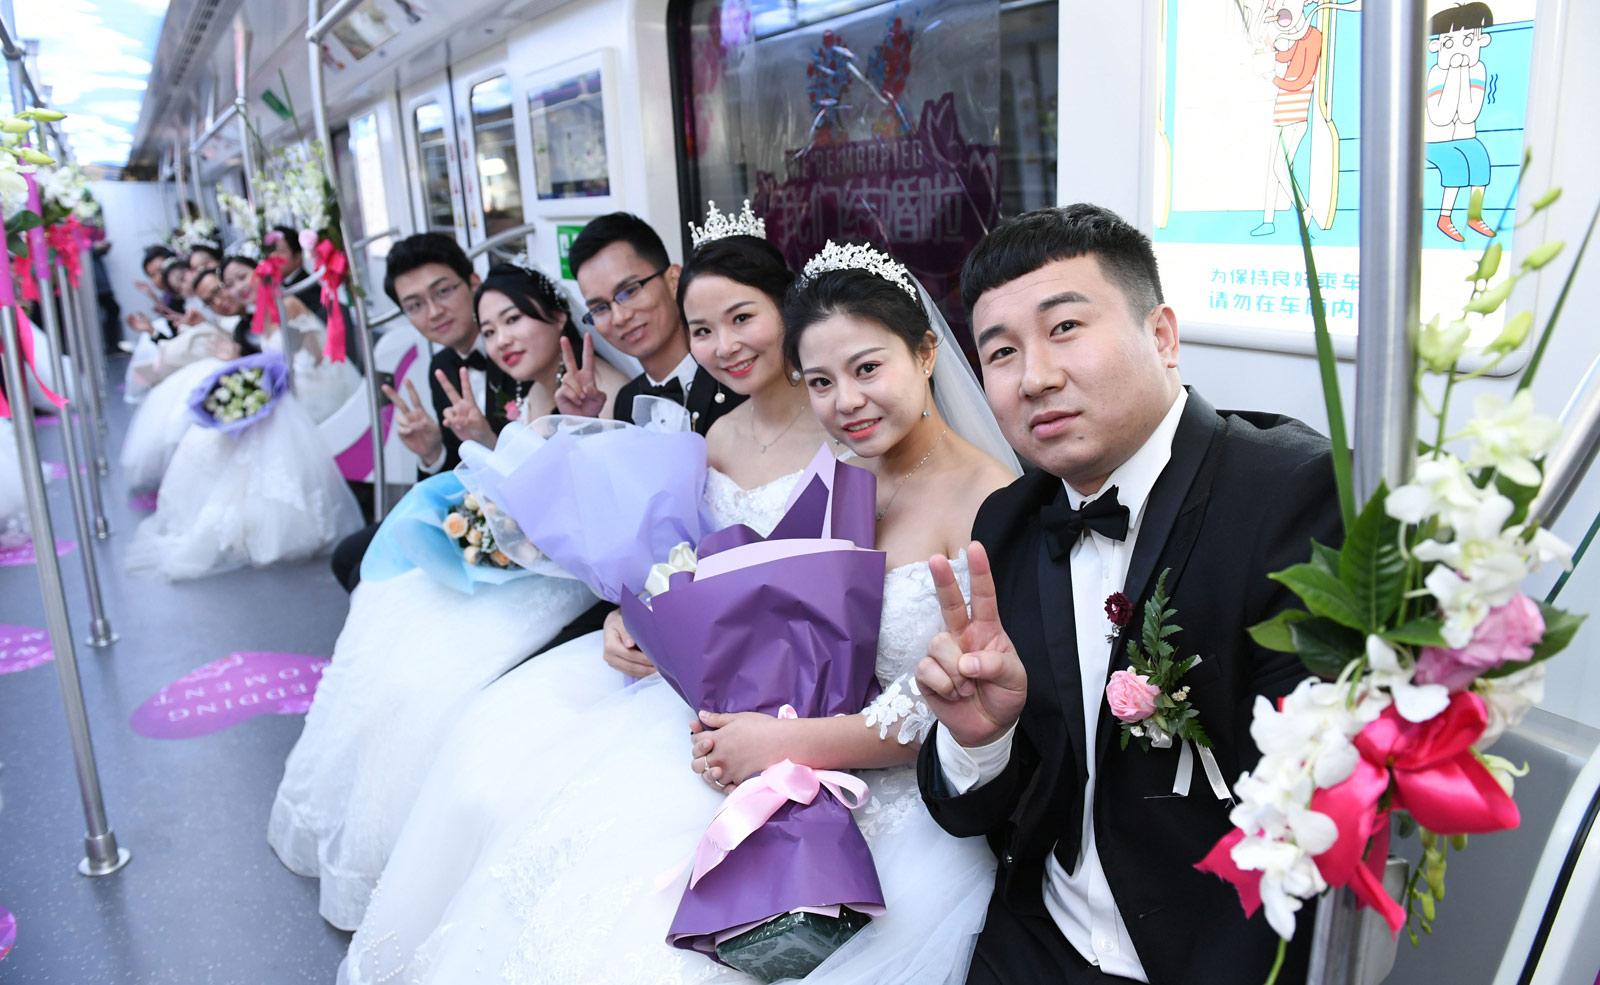 作为地铁承建方的中建三局基础设施公司联合武汉地铁集团,在地铁阳逻线开通之际,为21名地铁建设者举办了别开生面的集体婚礼。图为21对新人乘坐自己建设的地铁,体验不一样的幸福。(连迅 摄)